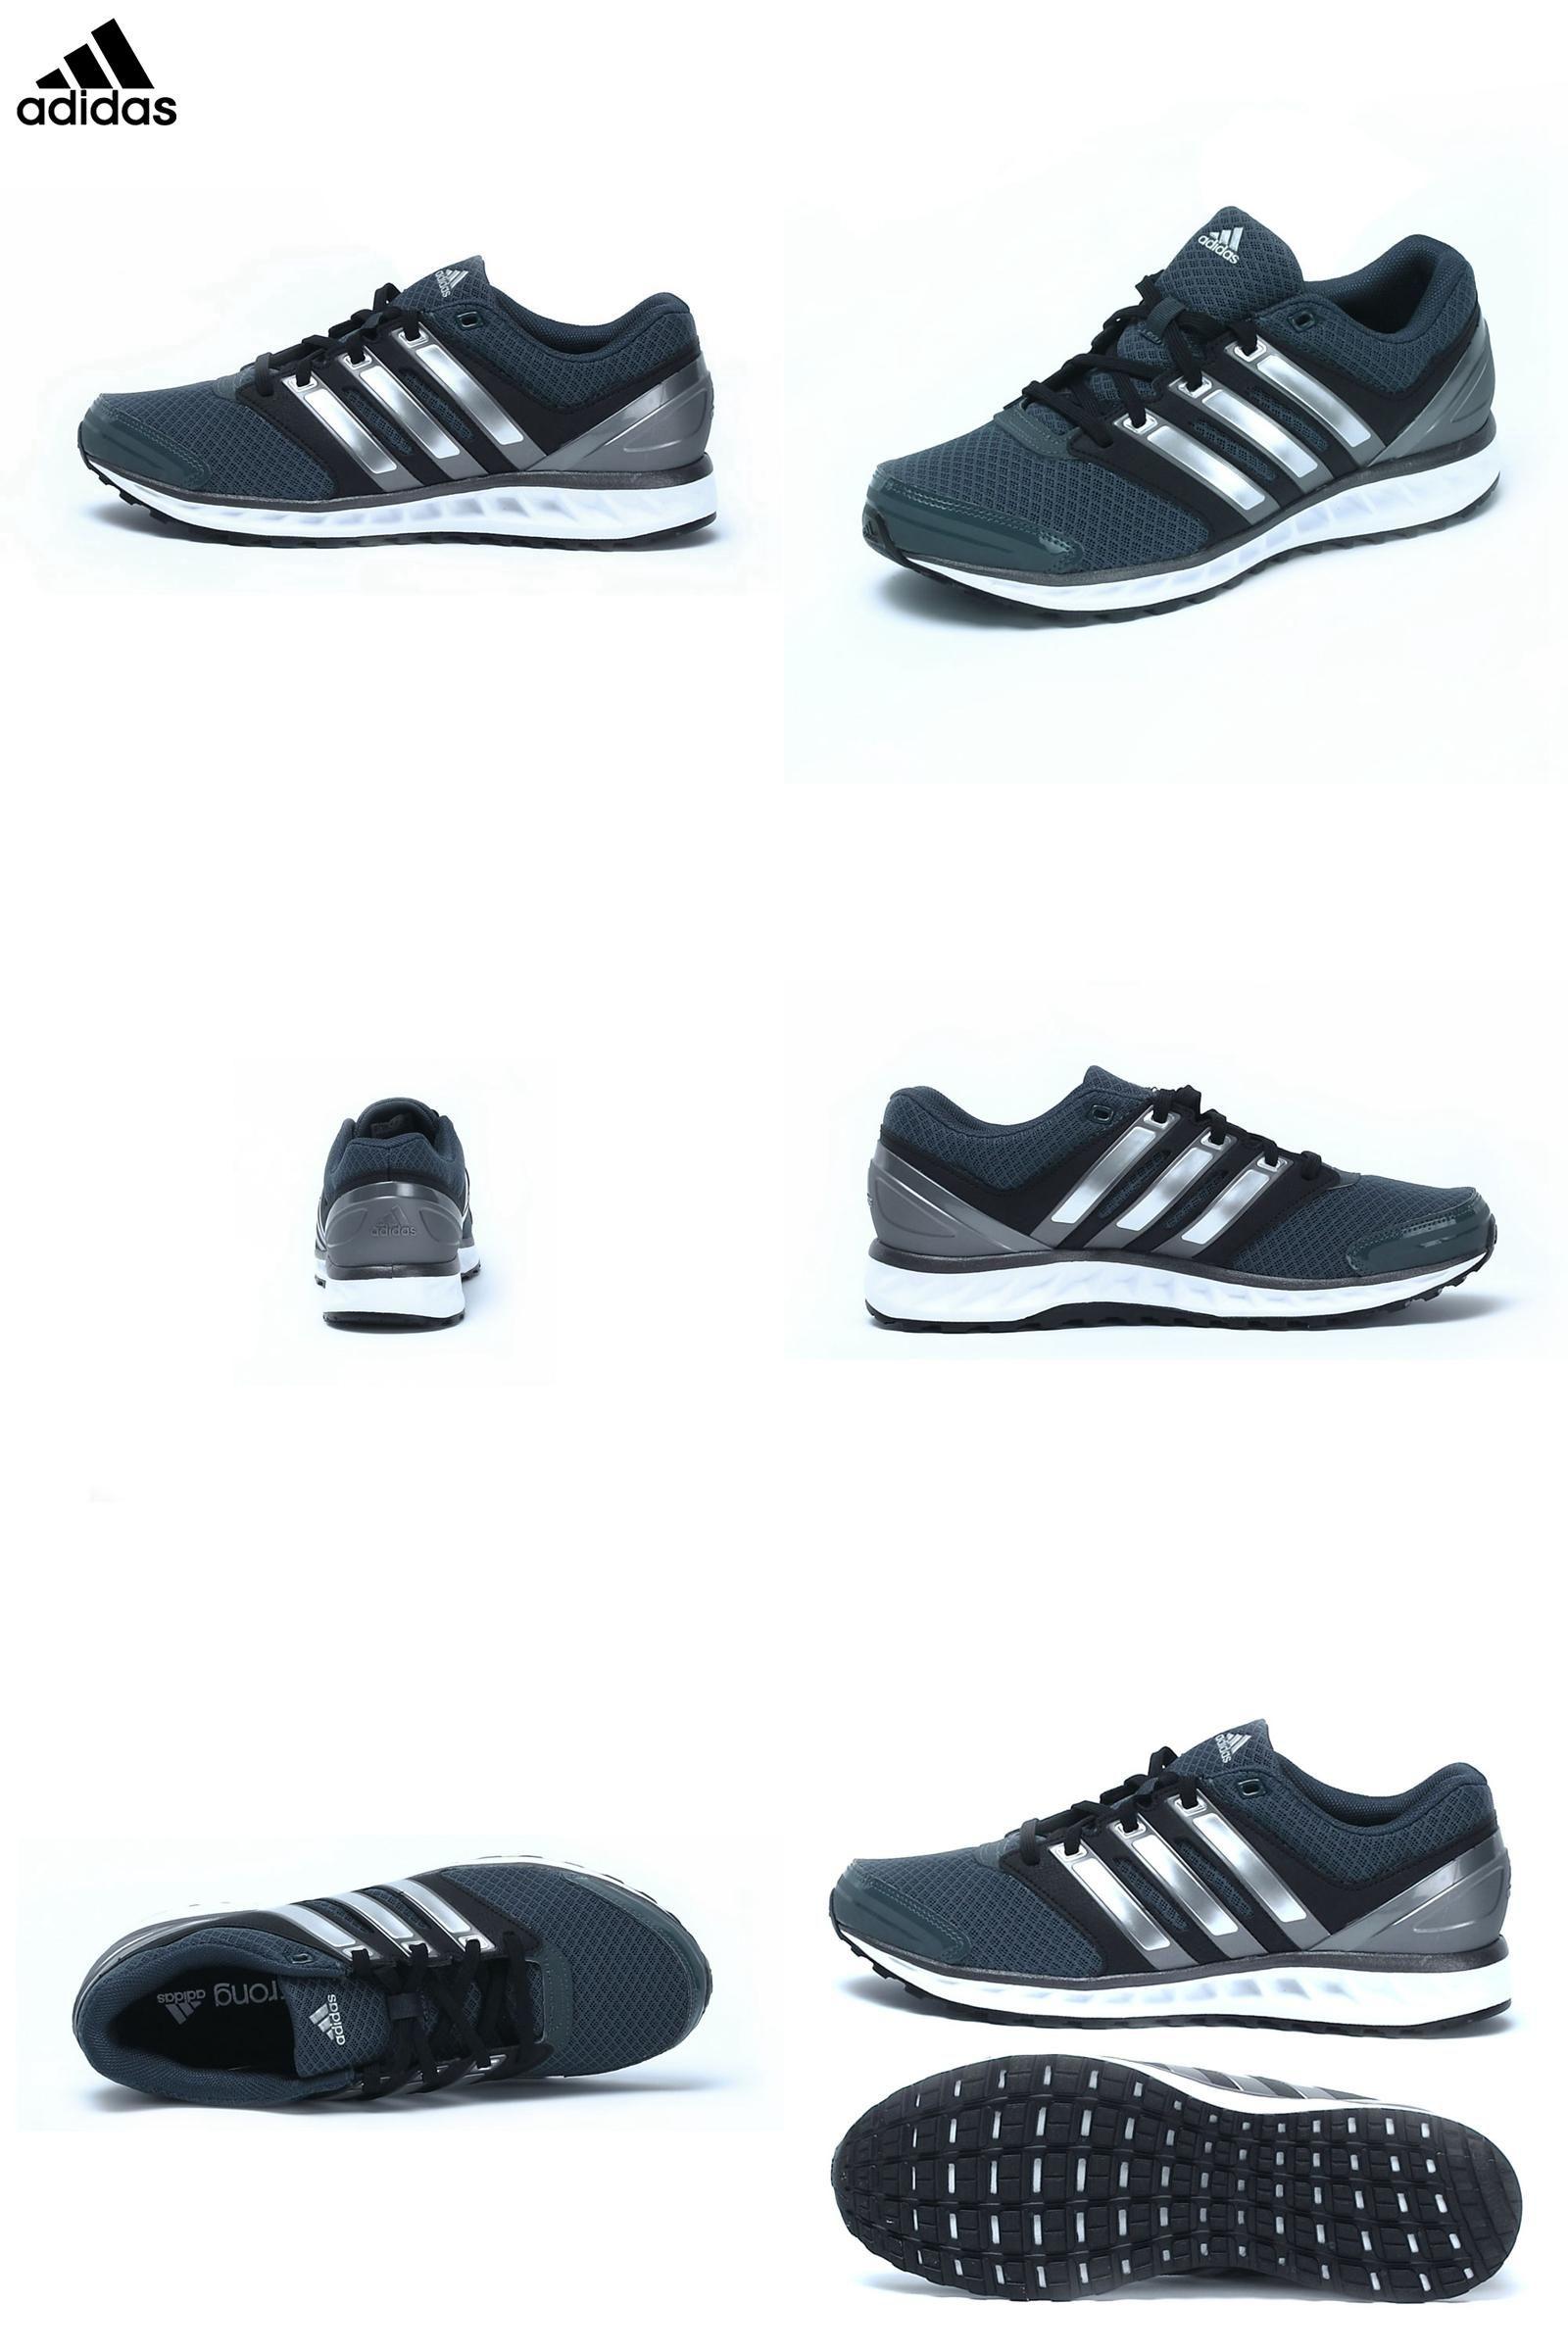 Visit to Comprar] Comprar Hombre Original Nuevo Arrival Adidas Hombre Comprar Comprar] 14e172